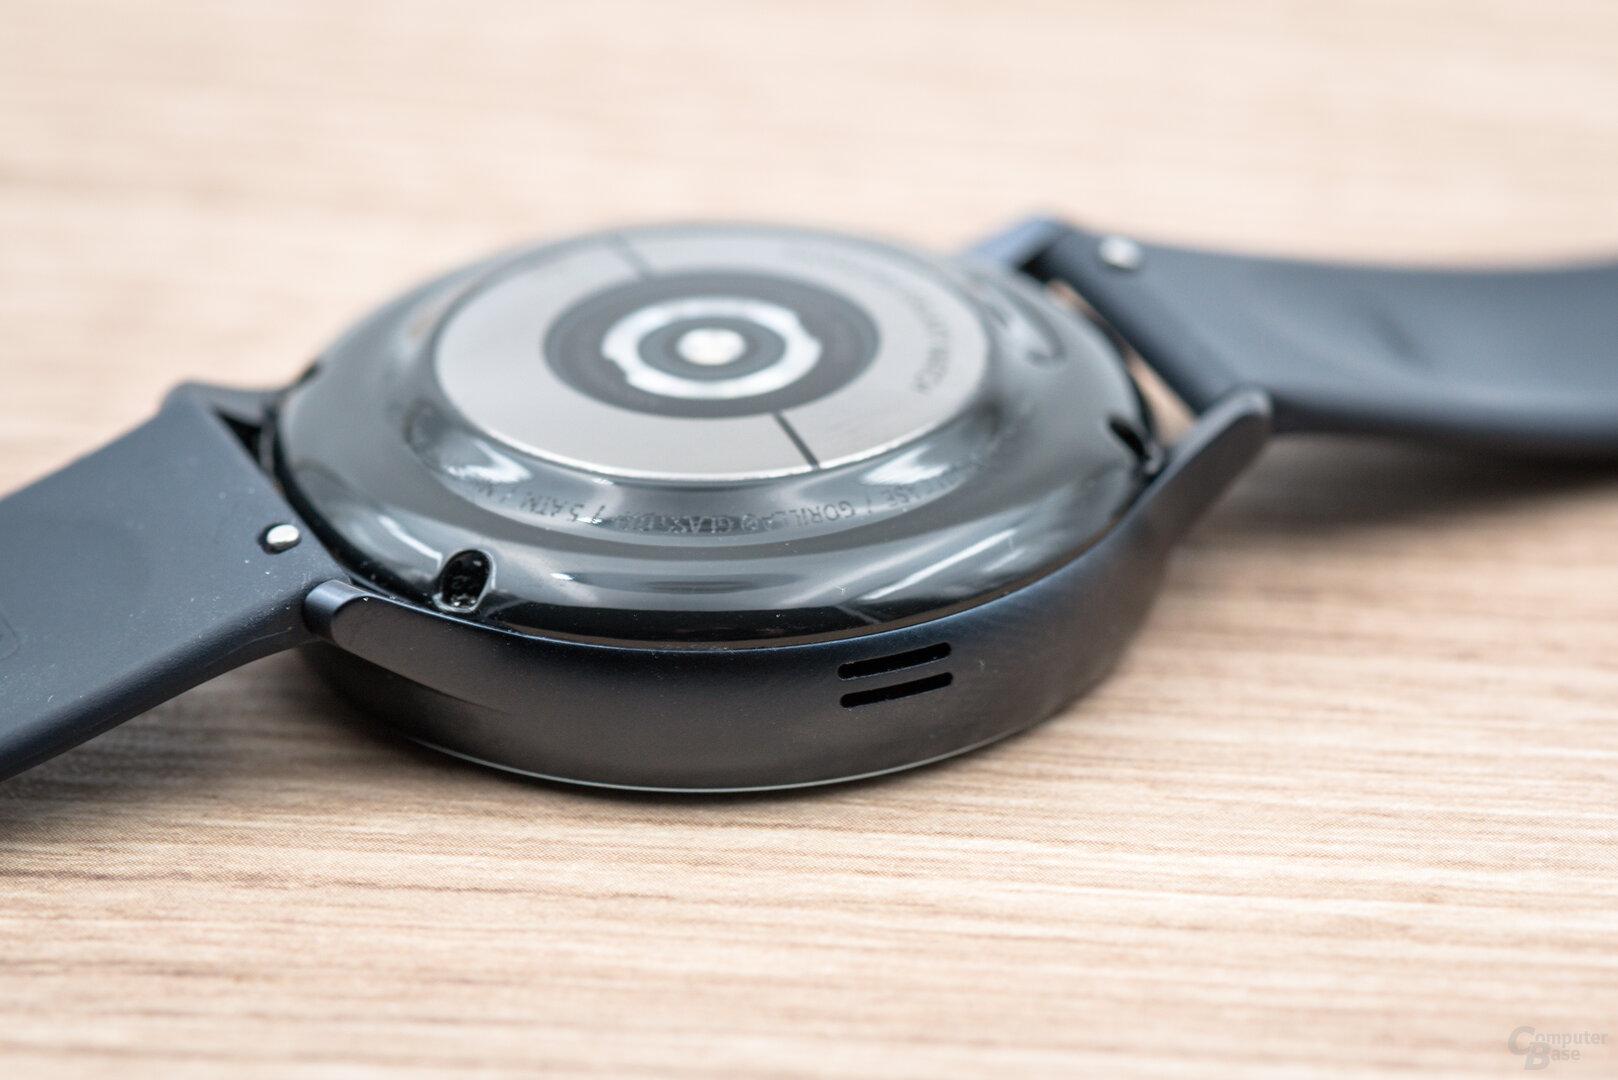 Samsung Galaxy Watch Active 2: Lautsprecherausgang